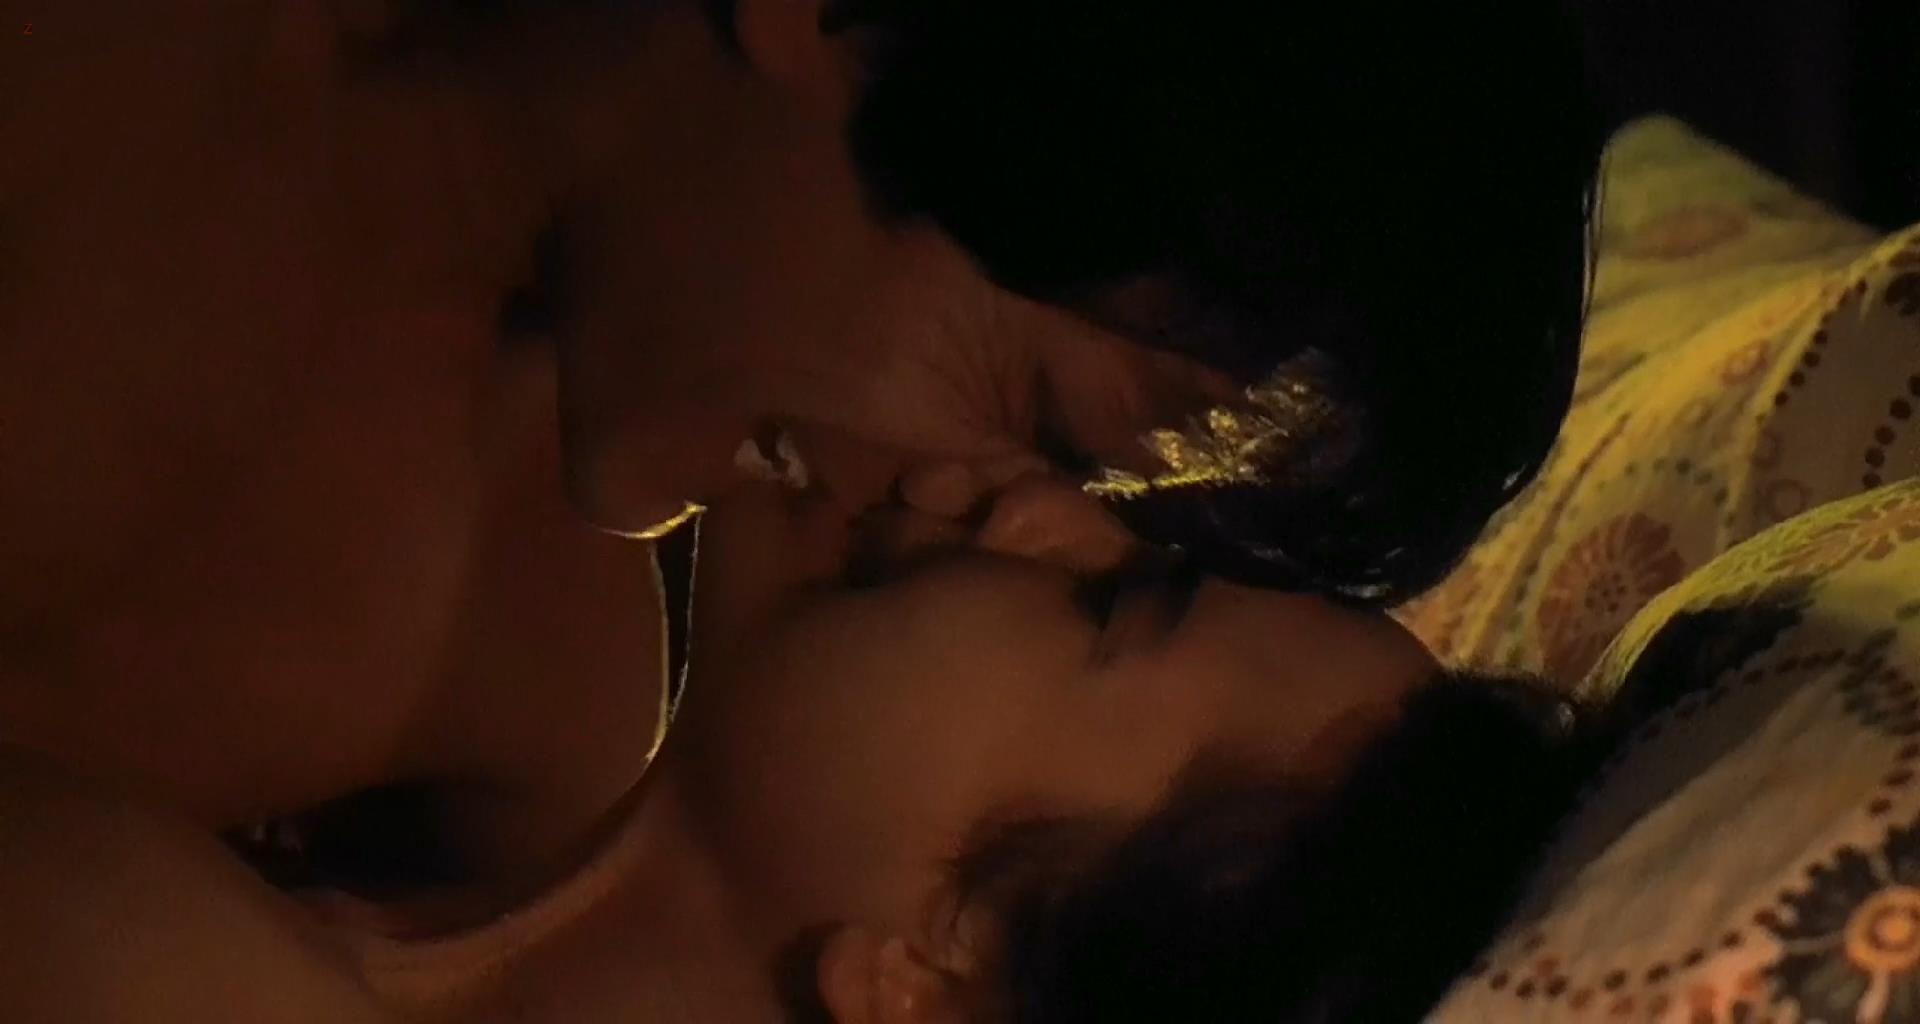 filmi-gde-akteri-po-nastoyashemu-zanimayutsya-seksom